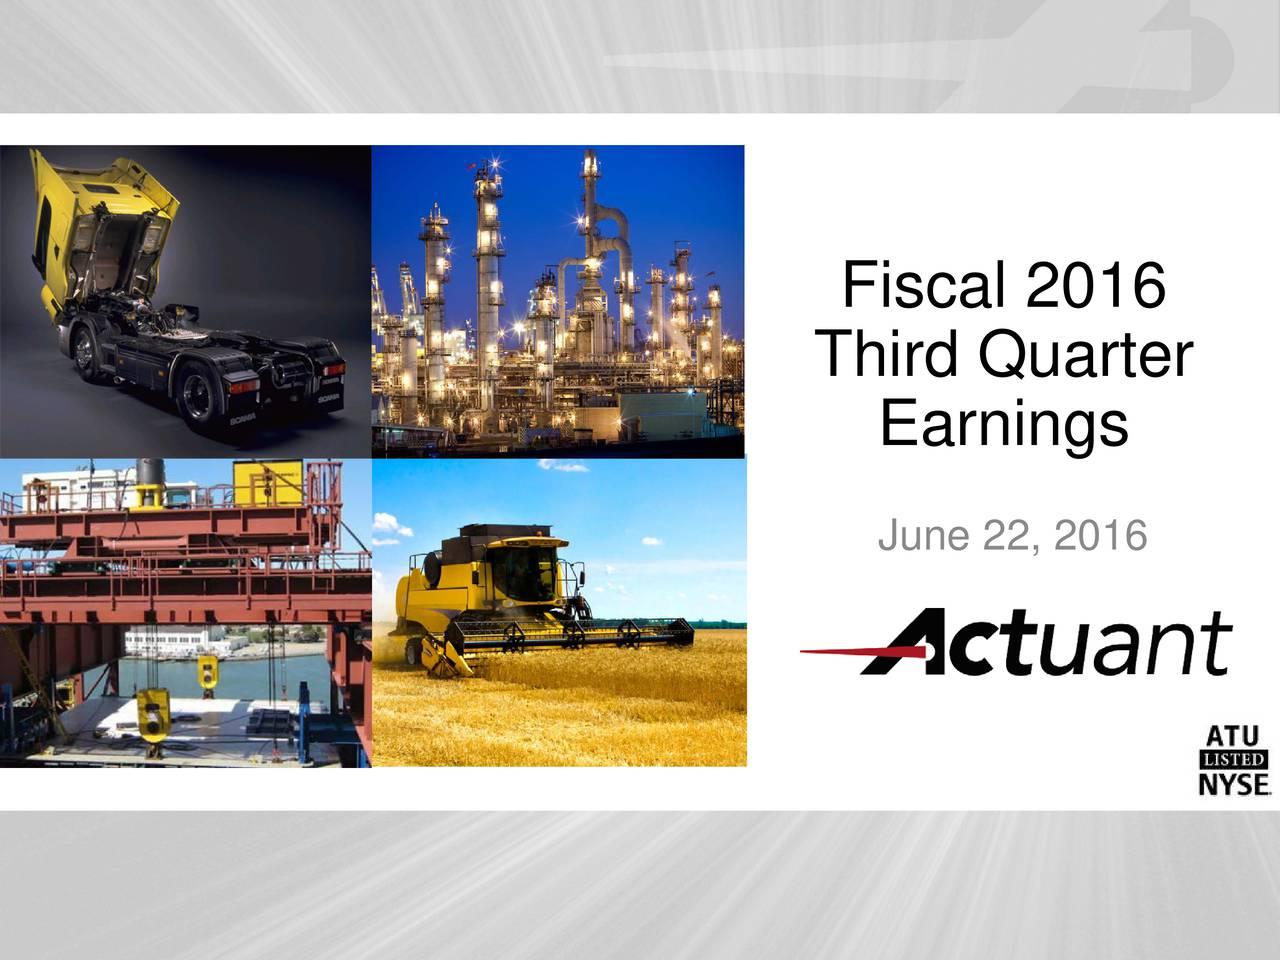 Third Quarter Earnings June 22, 2016